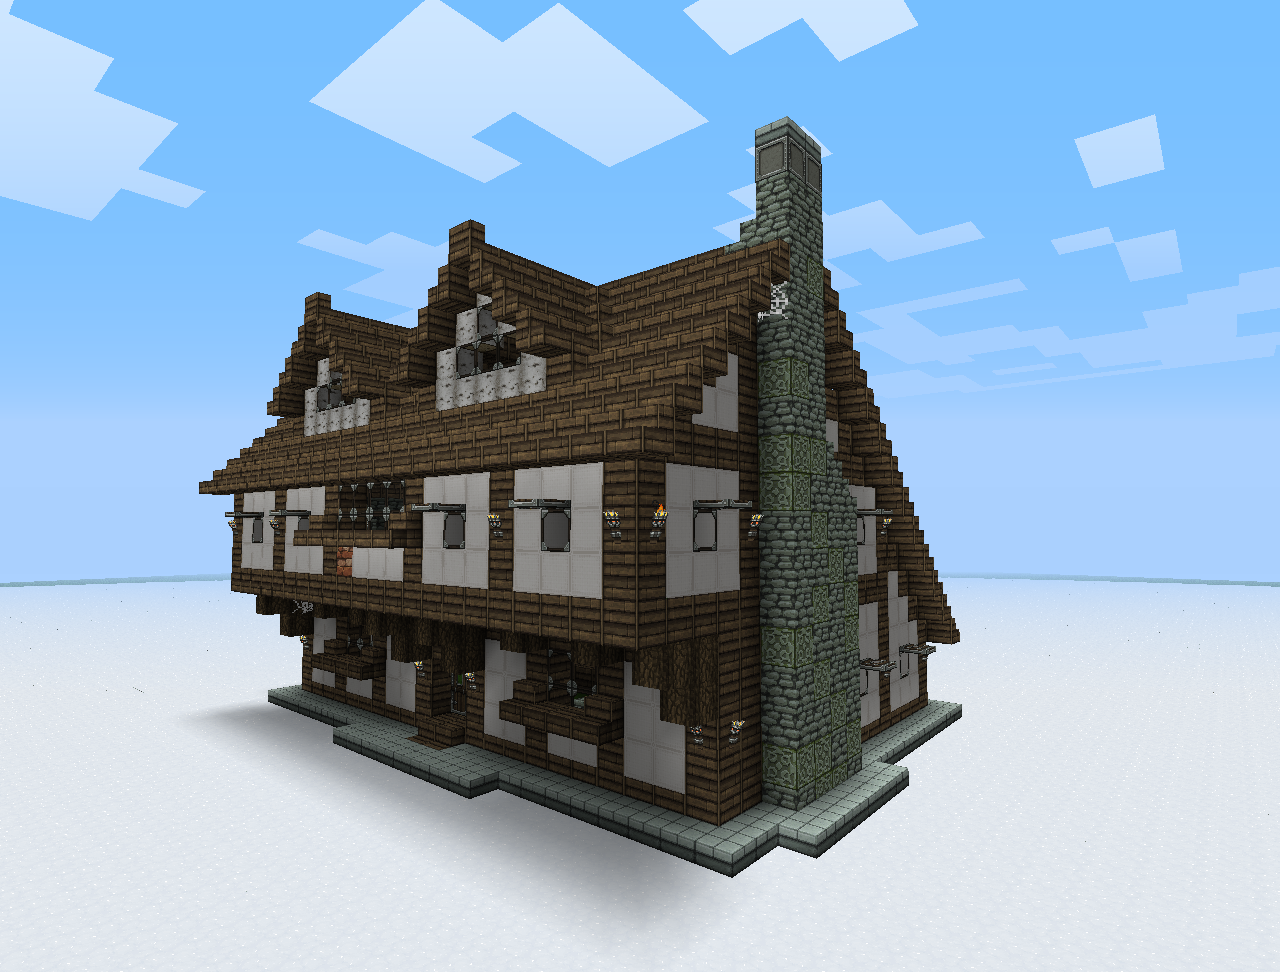 Maison Minecraft  Maison minecraft, Bâtiments minecraft